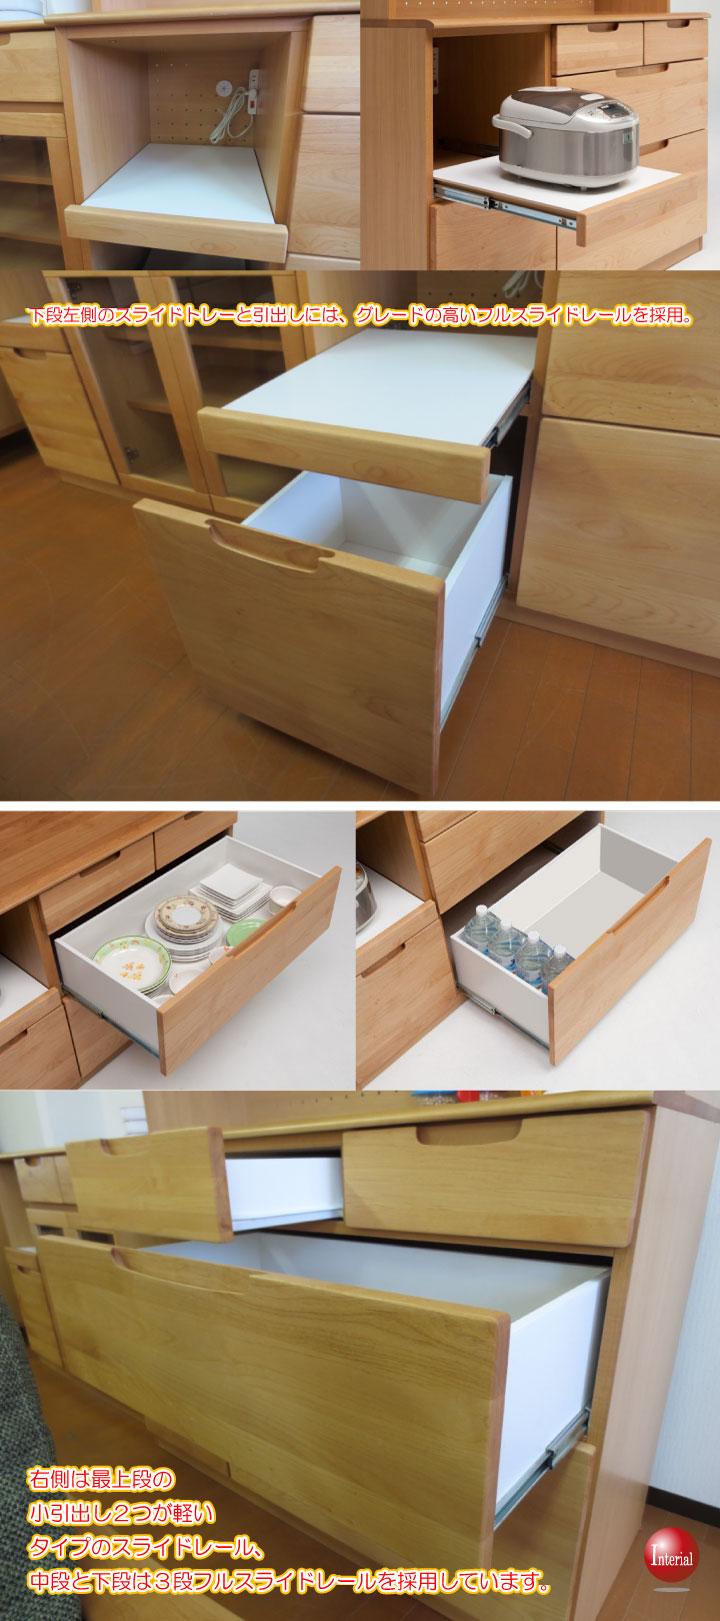 天然木アルダー自然塗装(オイル塗装)幅120cmキッチンレンジボード(完成品)